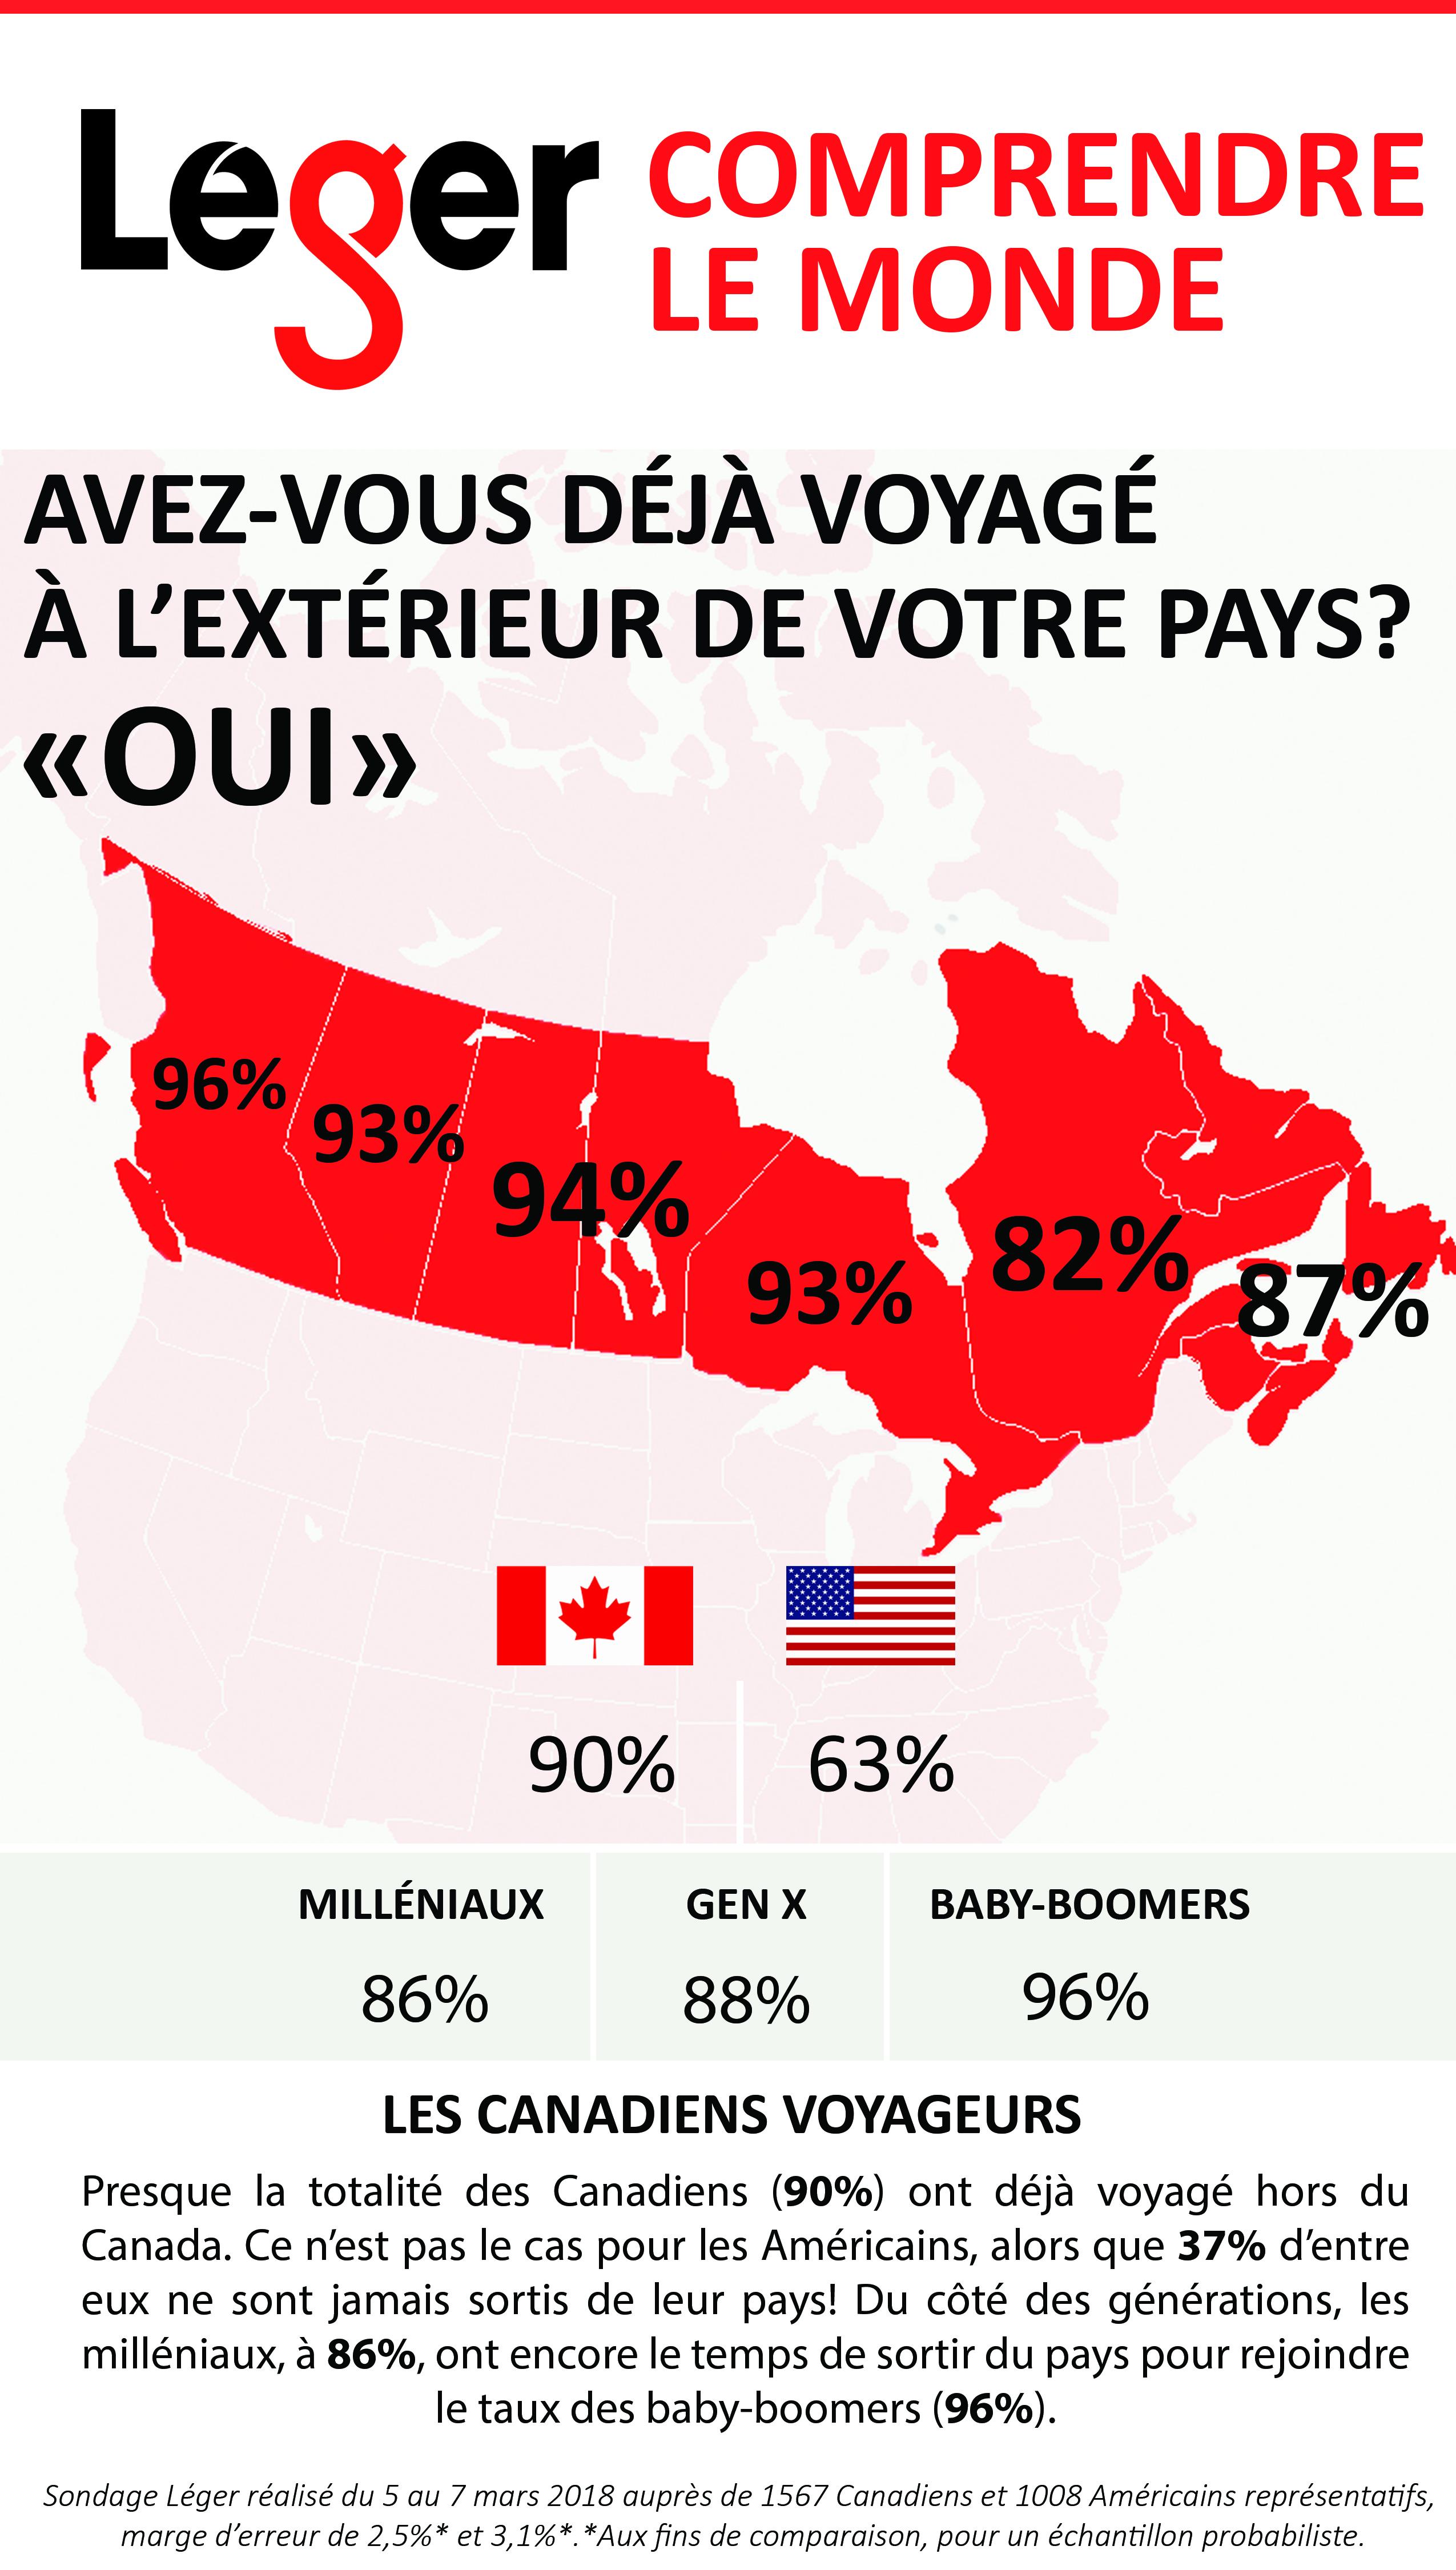 Sondage Léger: les Canadiens sont-ils déjà sortis de leur